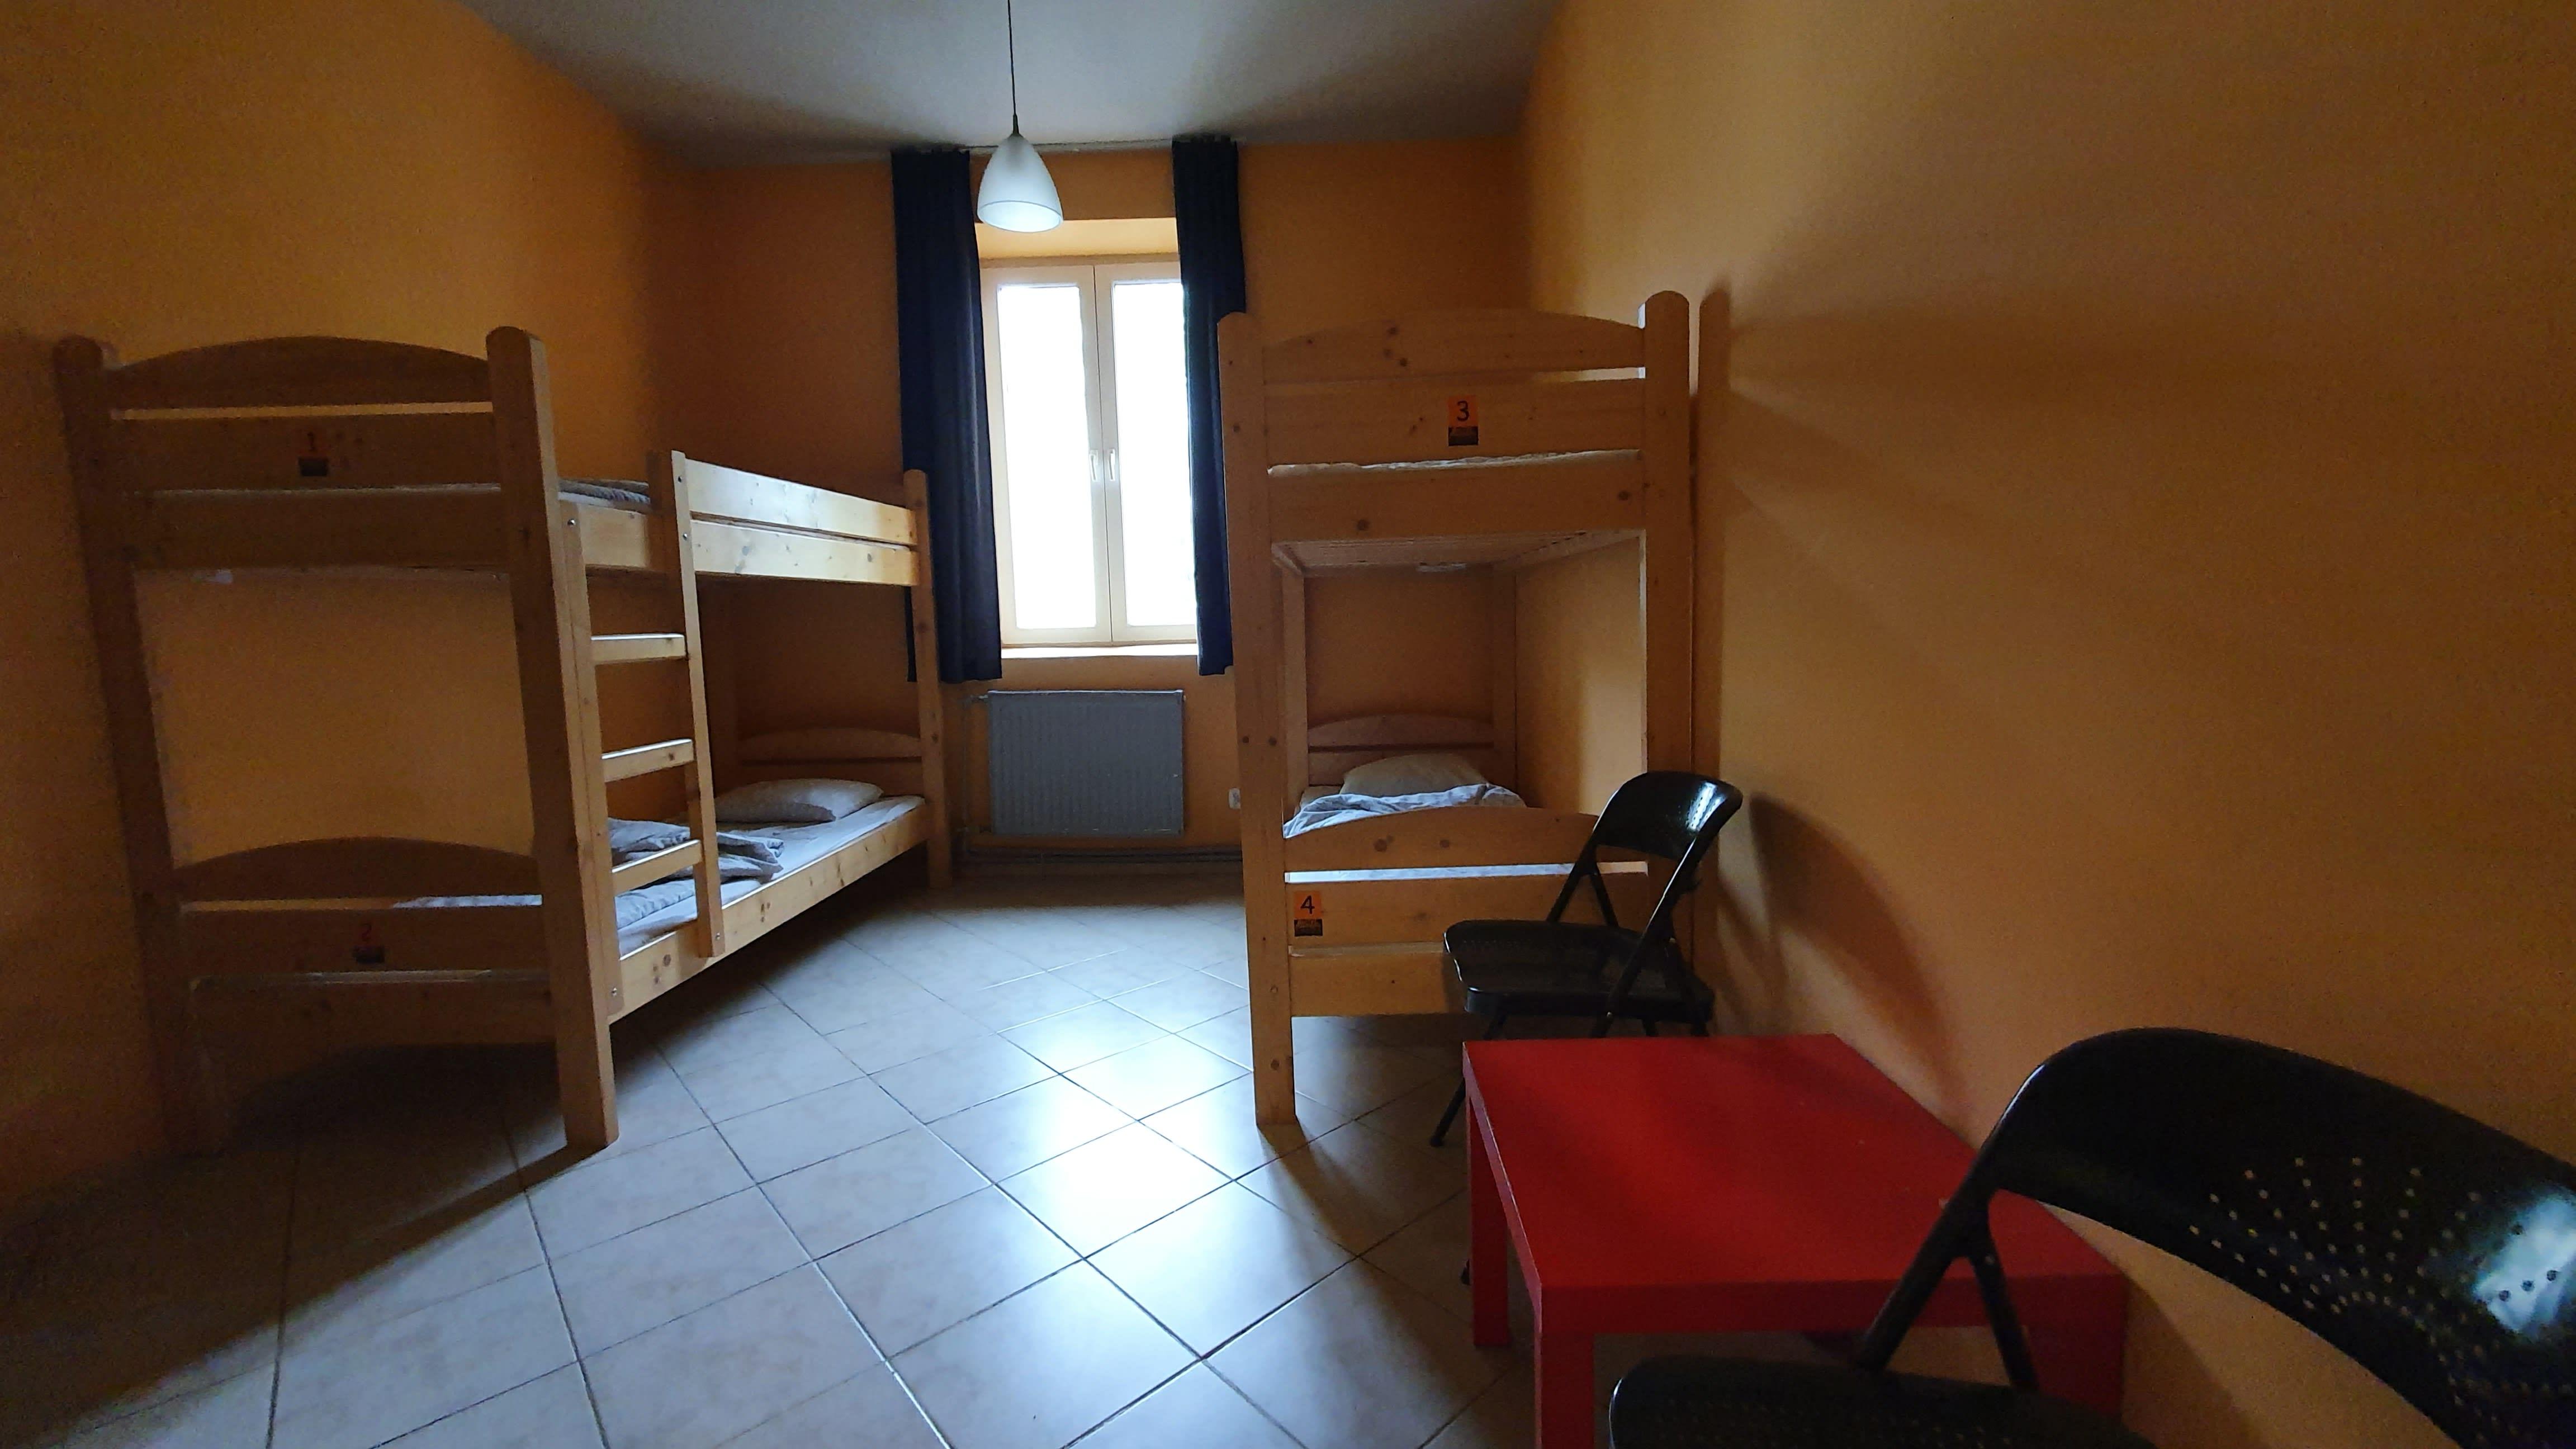 HOSTEL - Hostel One Momotown